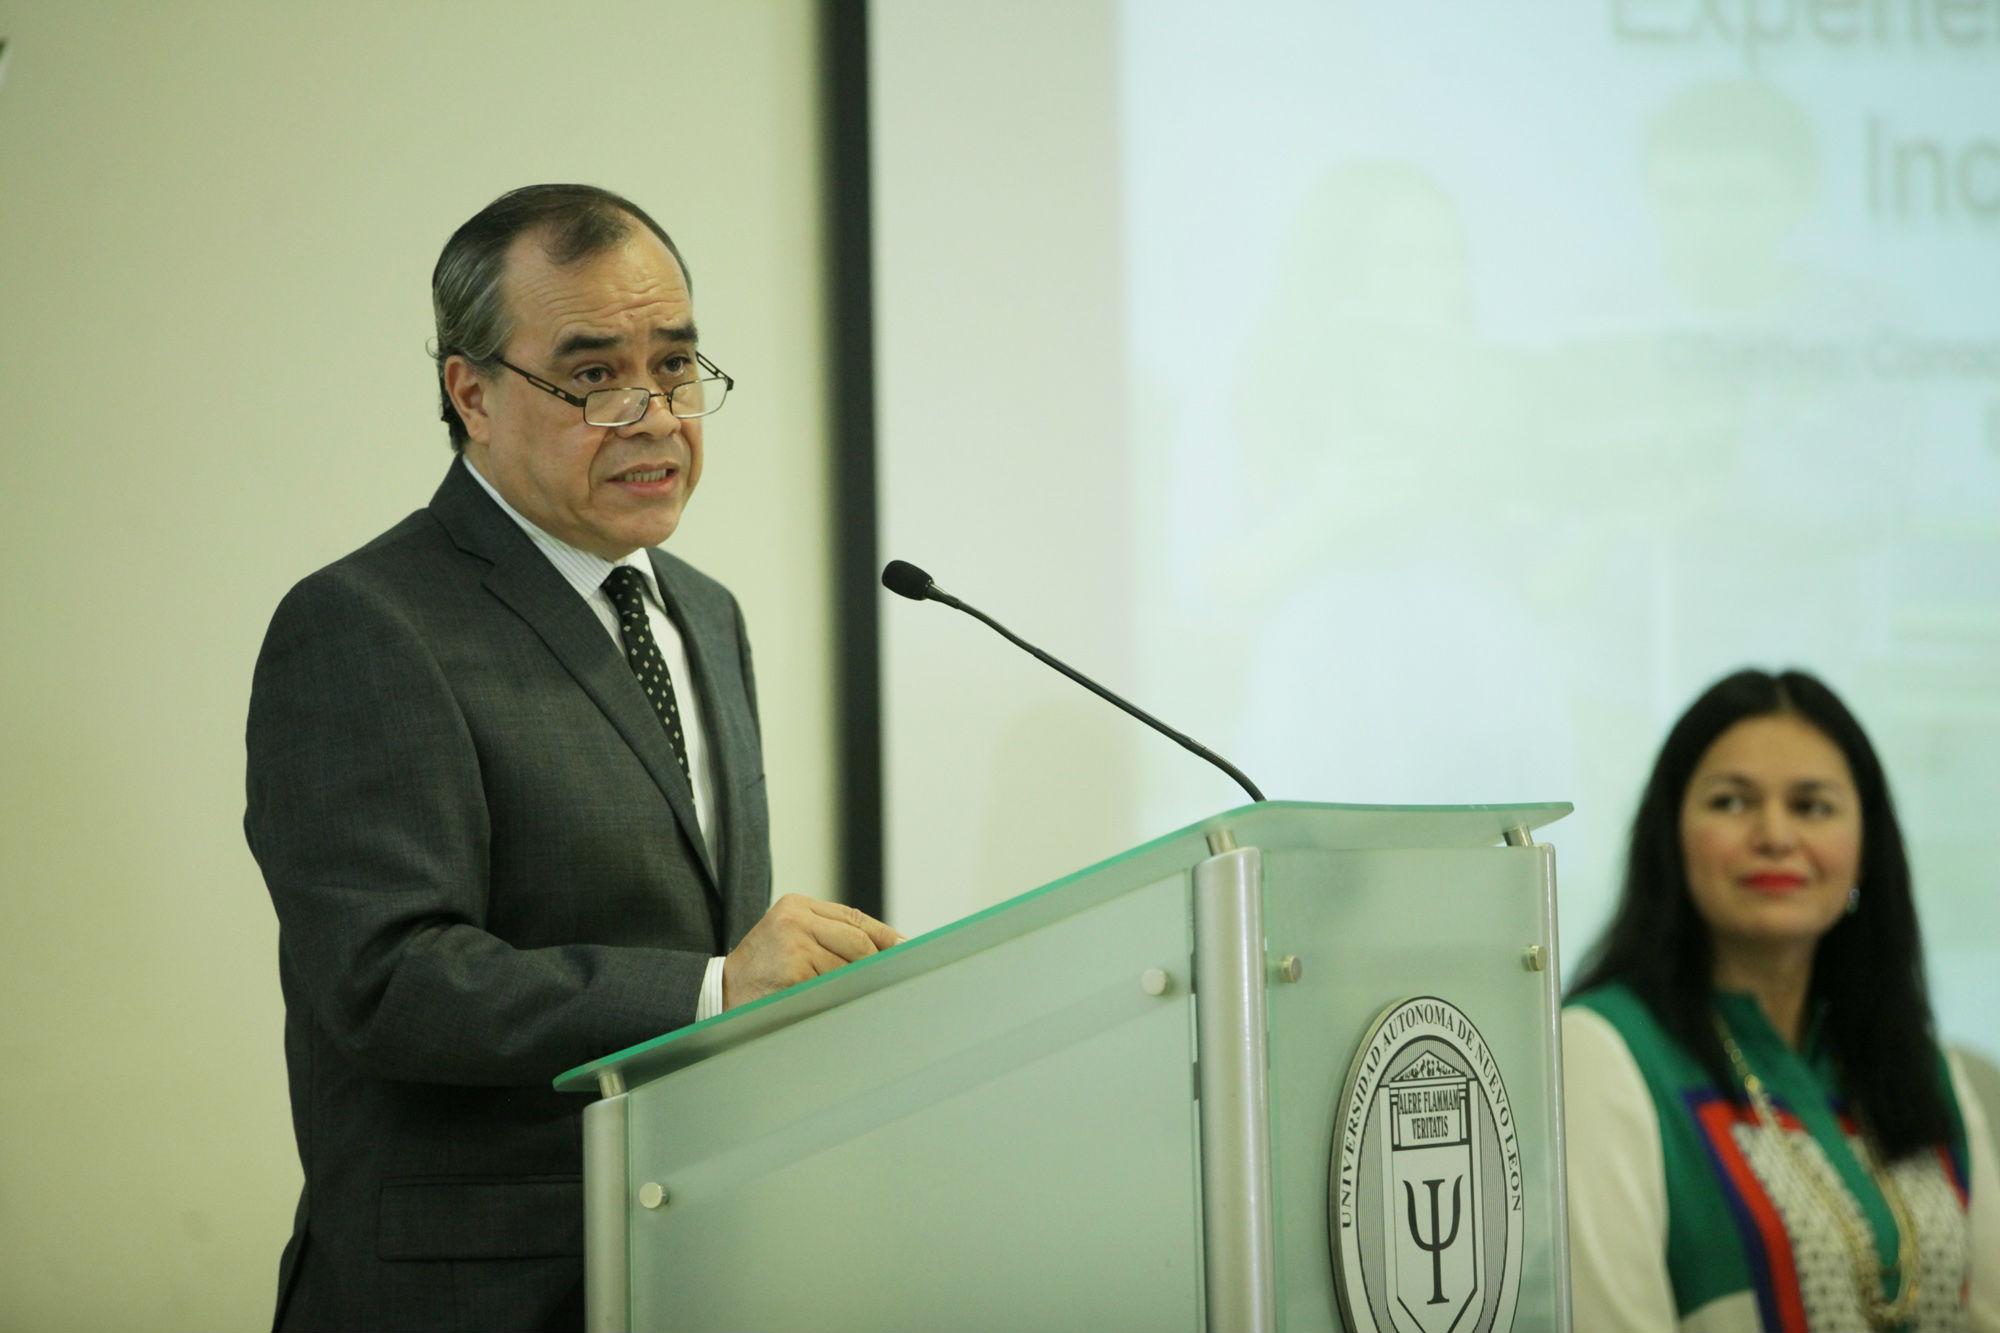 Facultad de Psicología, José Armando Peña Moreno